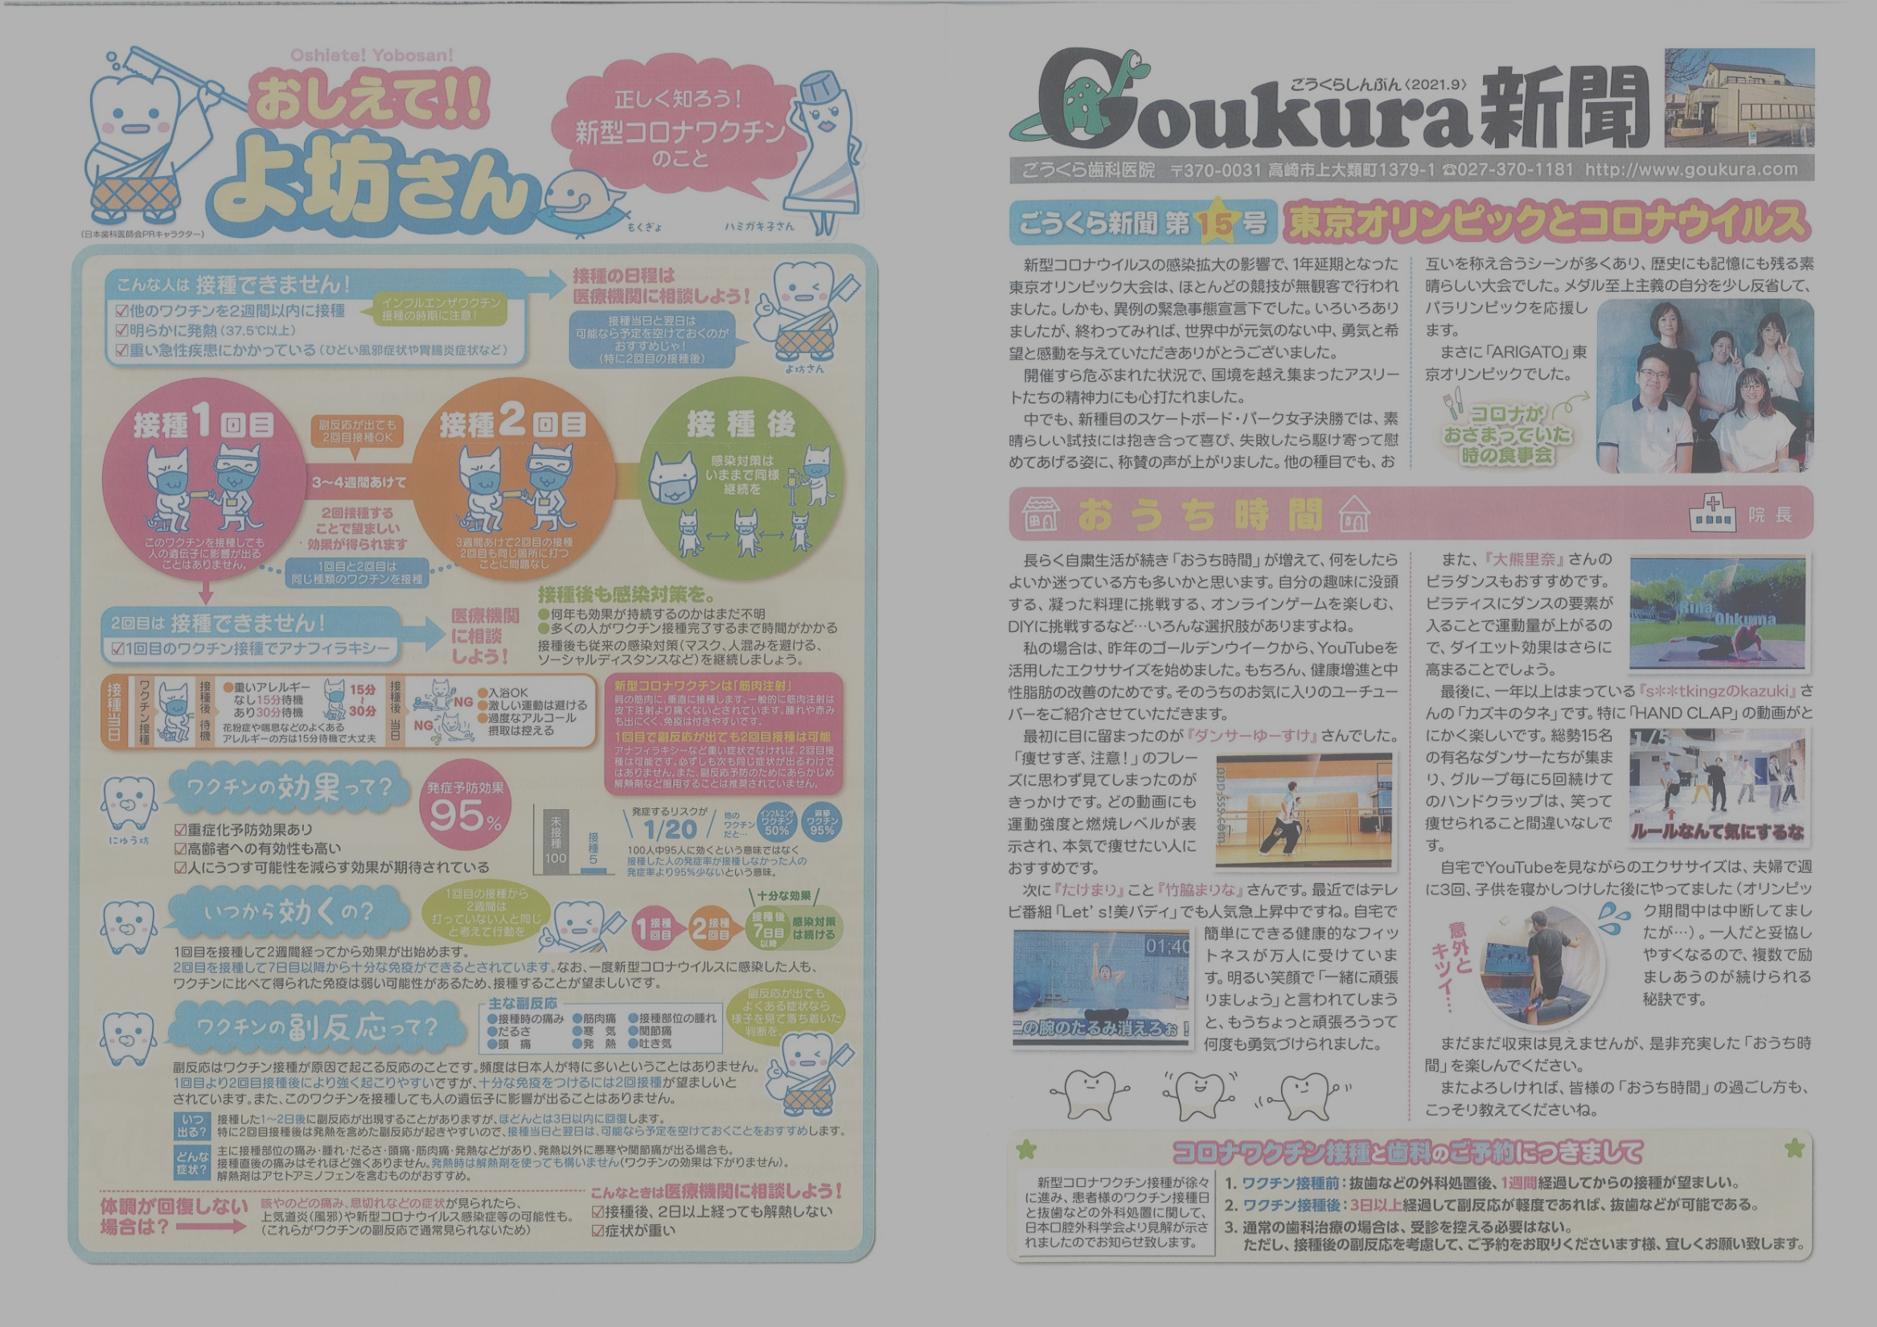 Goukura新聞